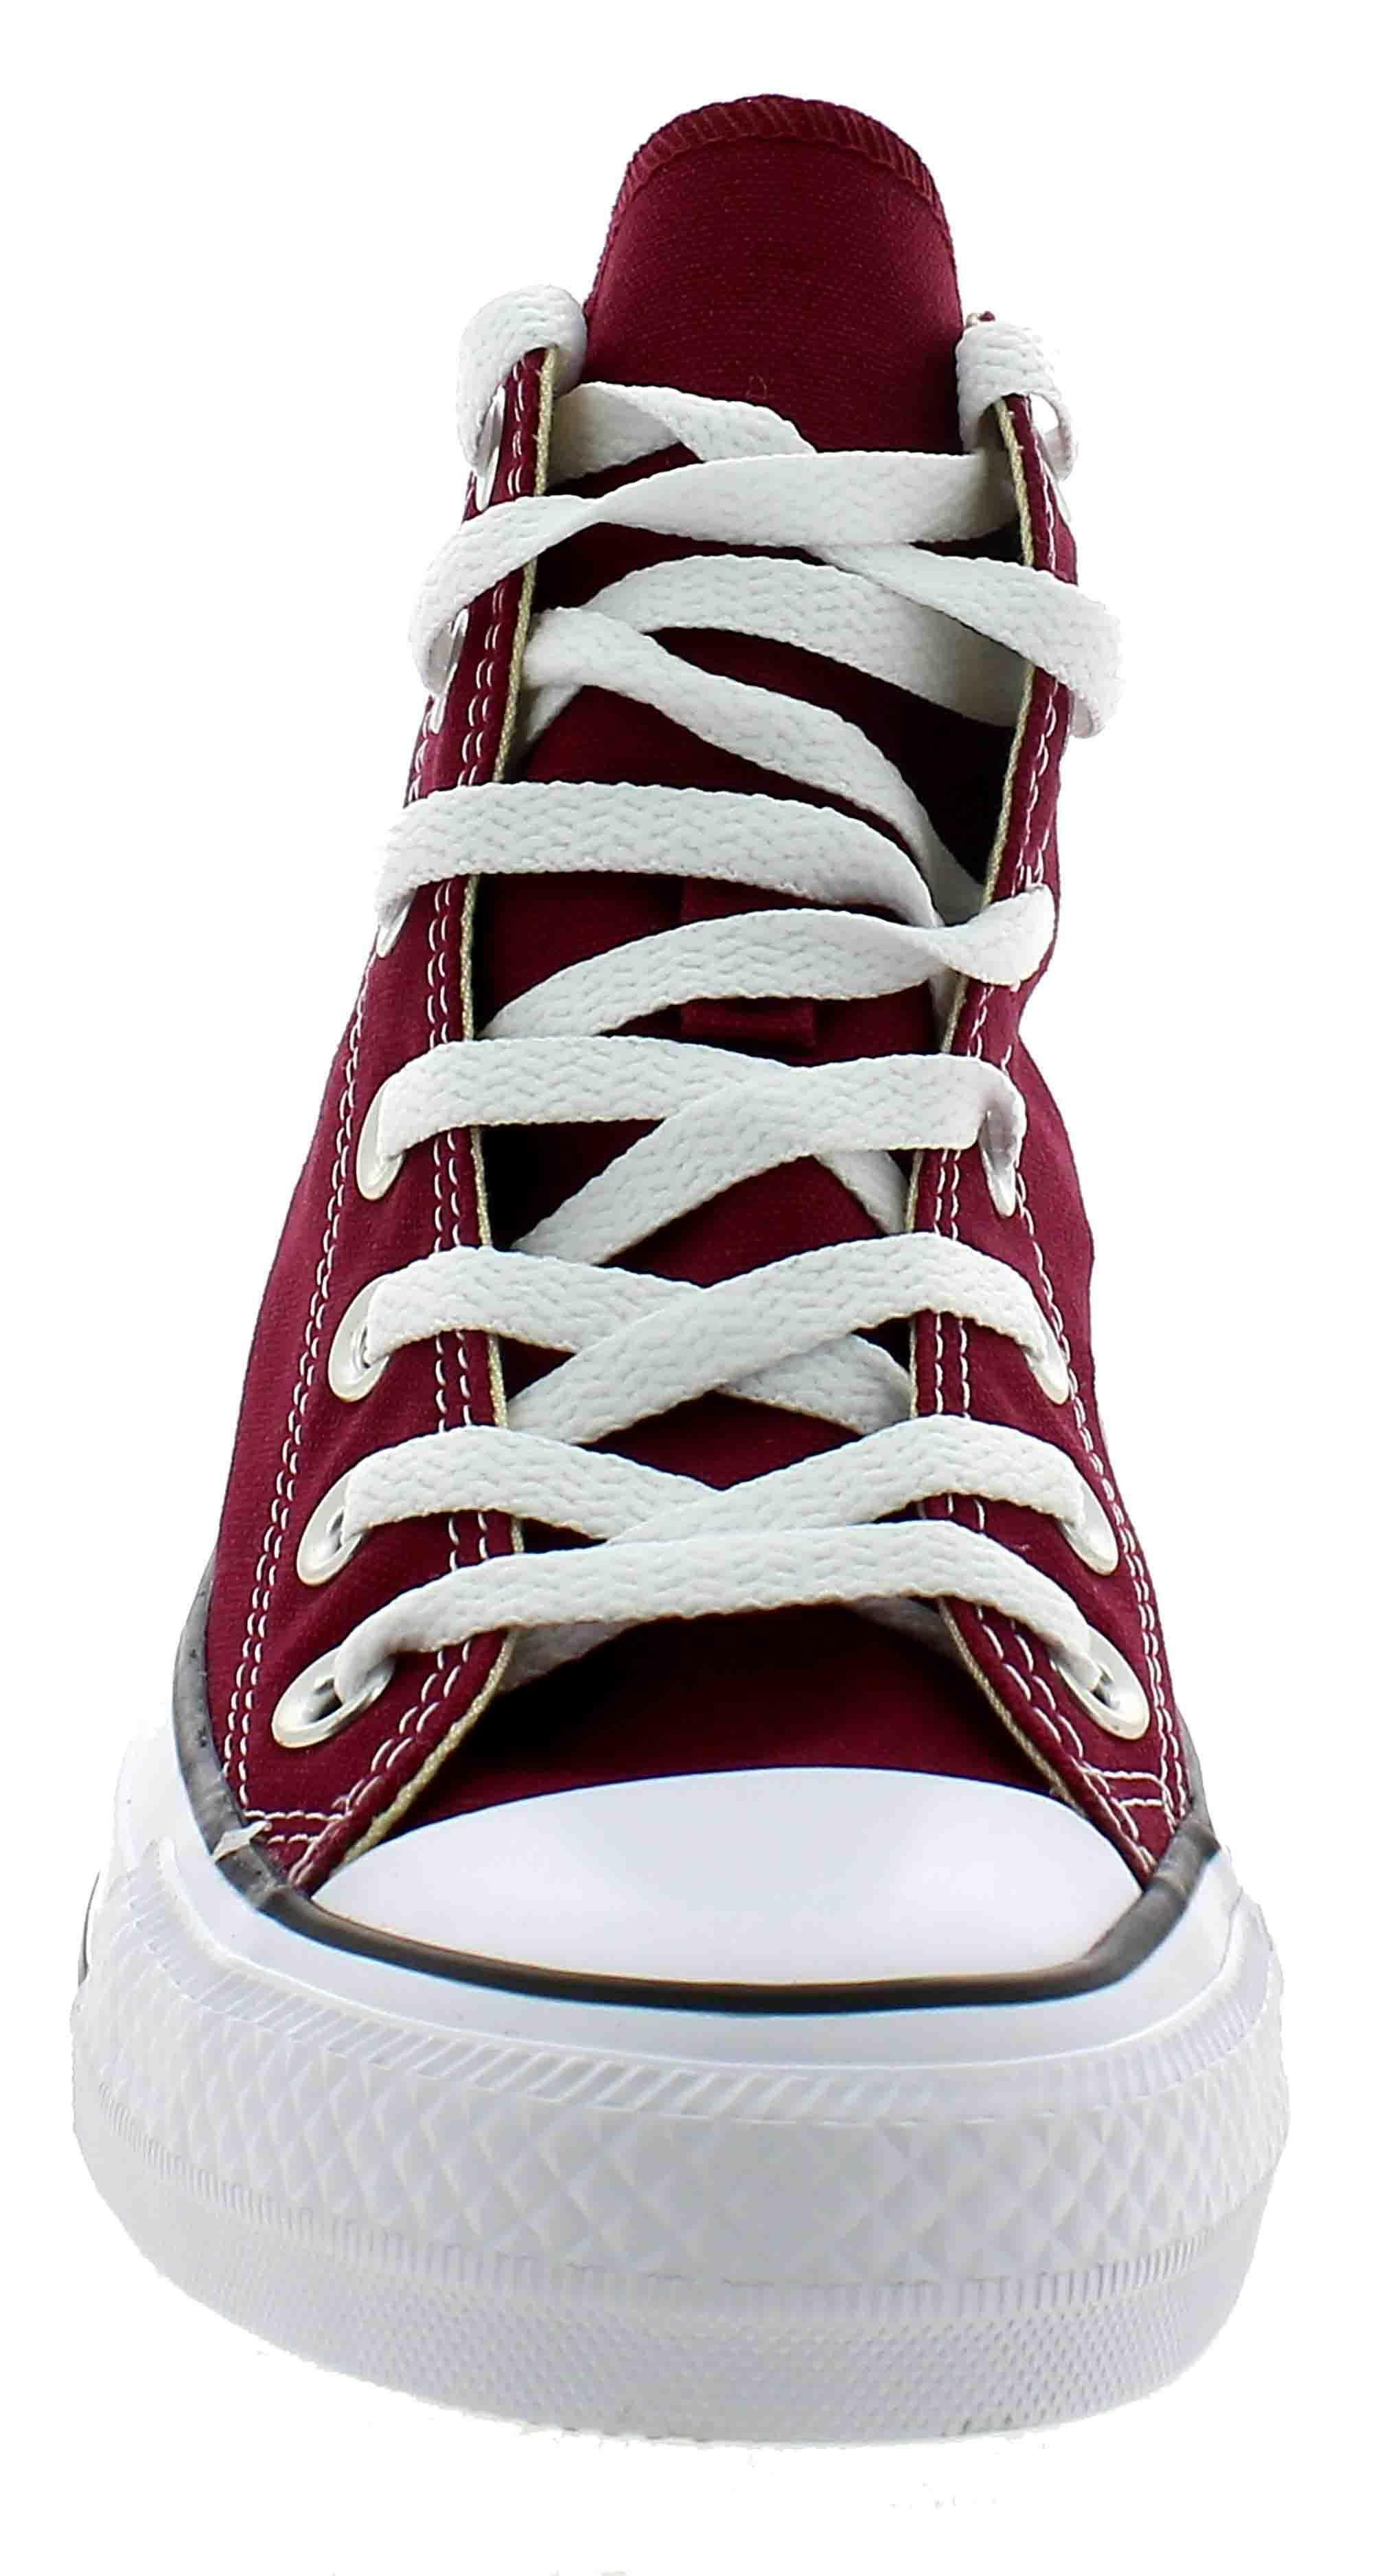 converse converse all star hi scarpe sportive alte maroon vinaccio m9613c